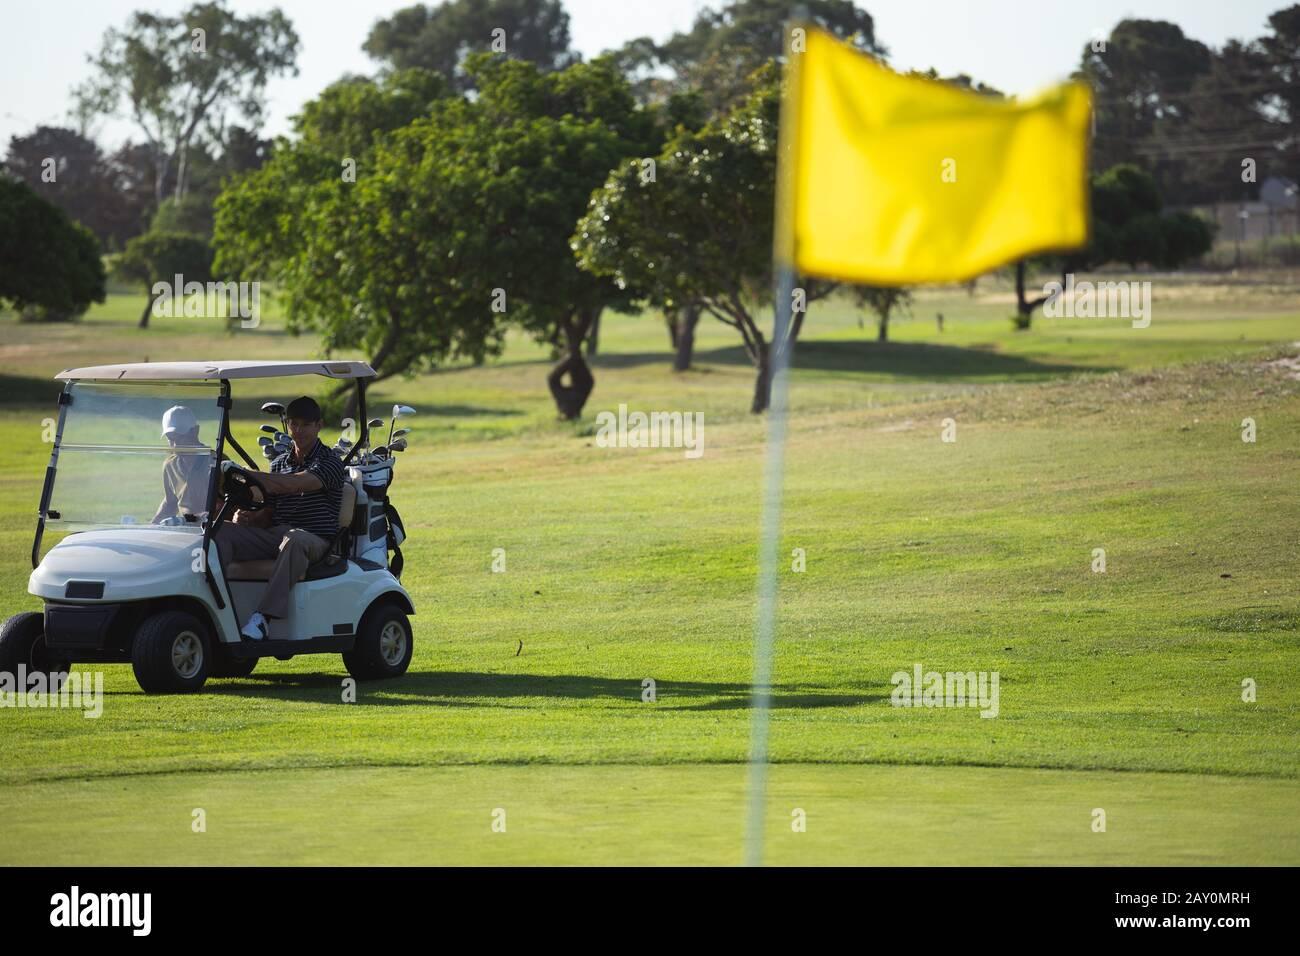 Les golfeurs qui conduisent le buggy de golf Banque D'Images